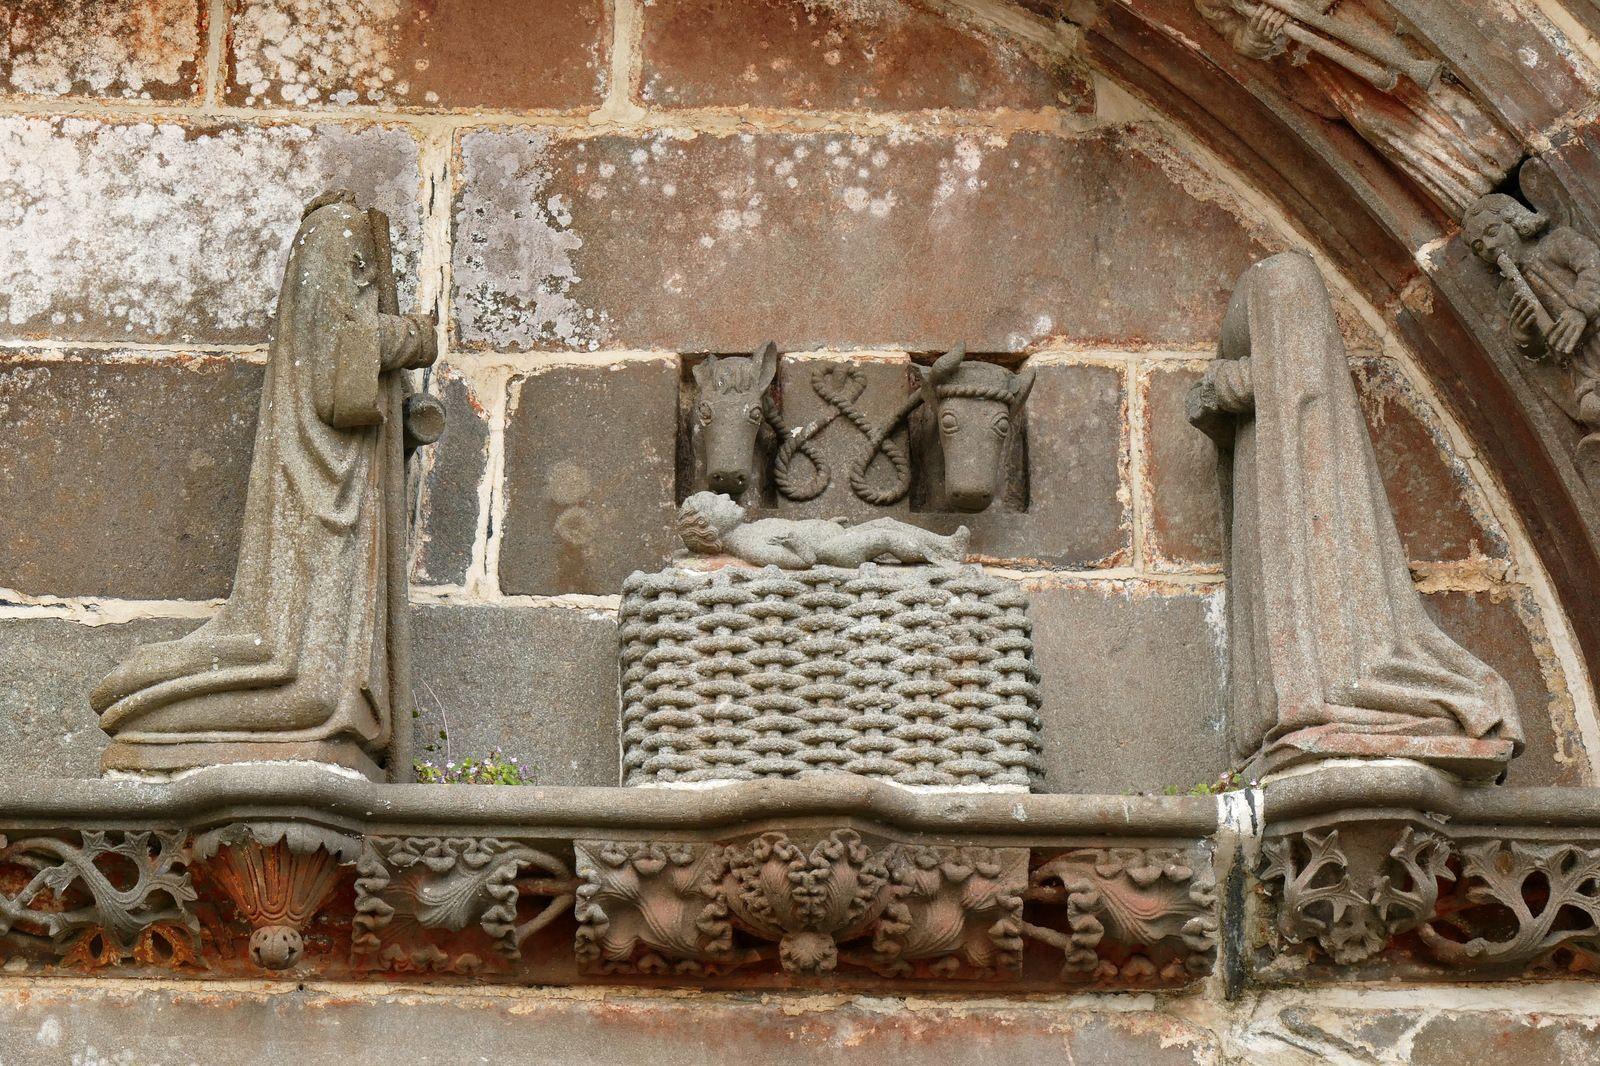 Nativité (kersanton, Prigent, v. 1553) du tympan du porche sud de Pencran. Photographie lavieb-aile.